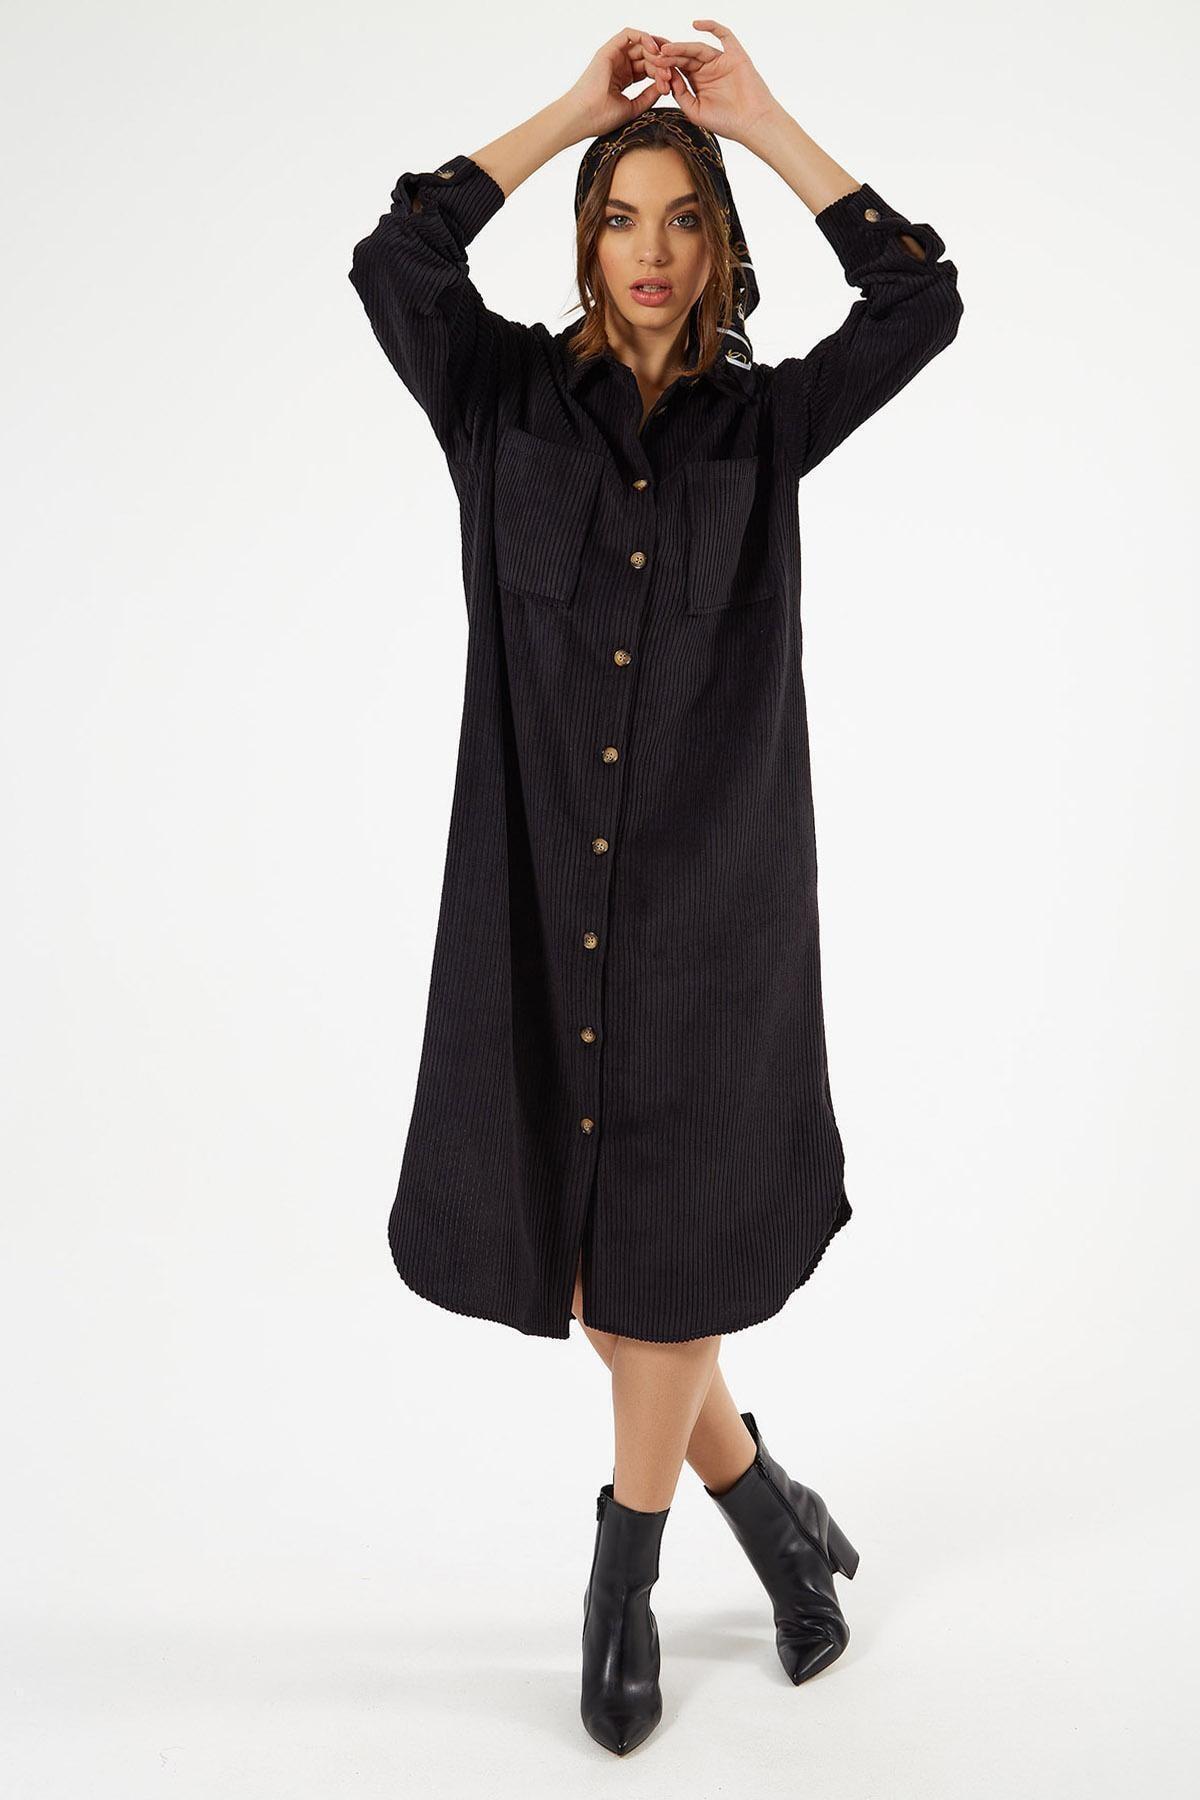 Pattaya Kadın Kadife Uzun Gömlek Elbise Y20w110-00665 1